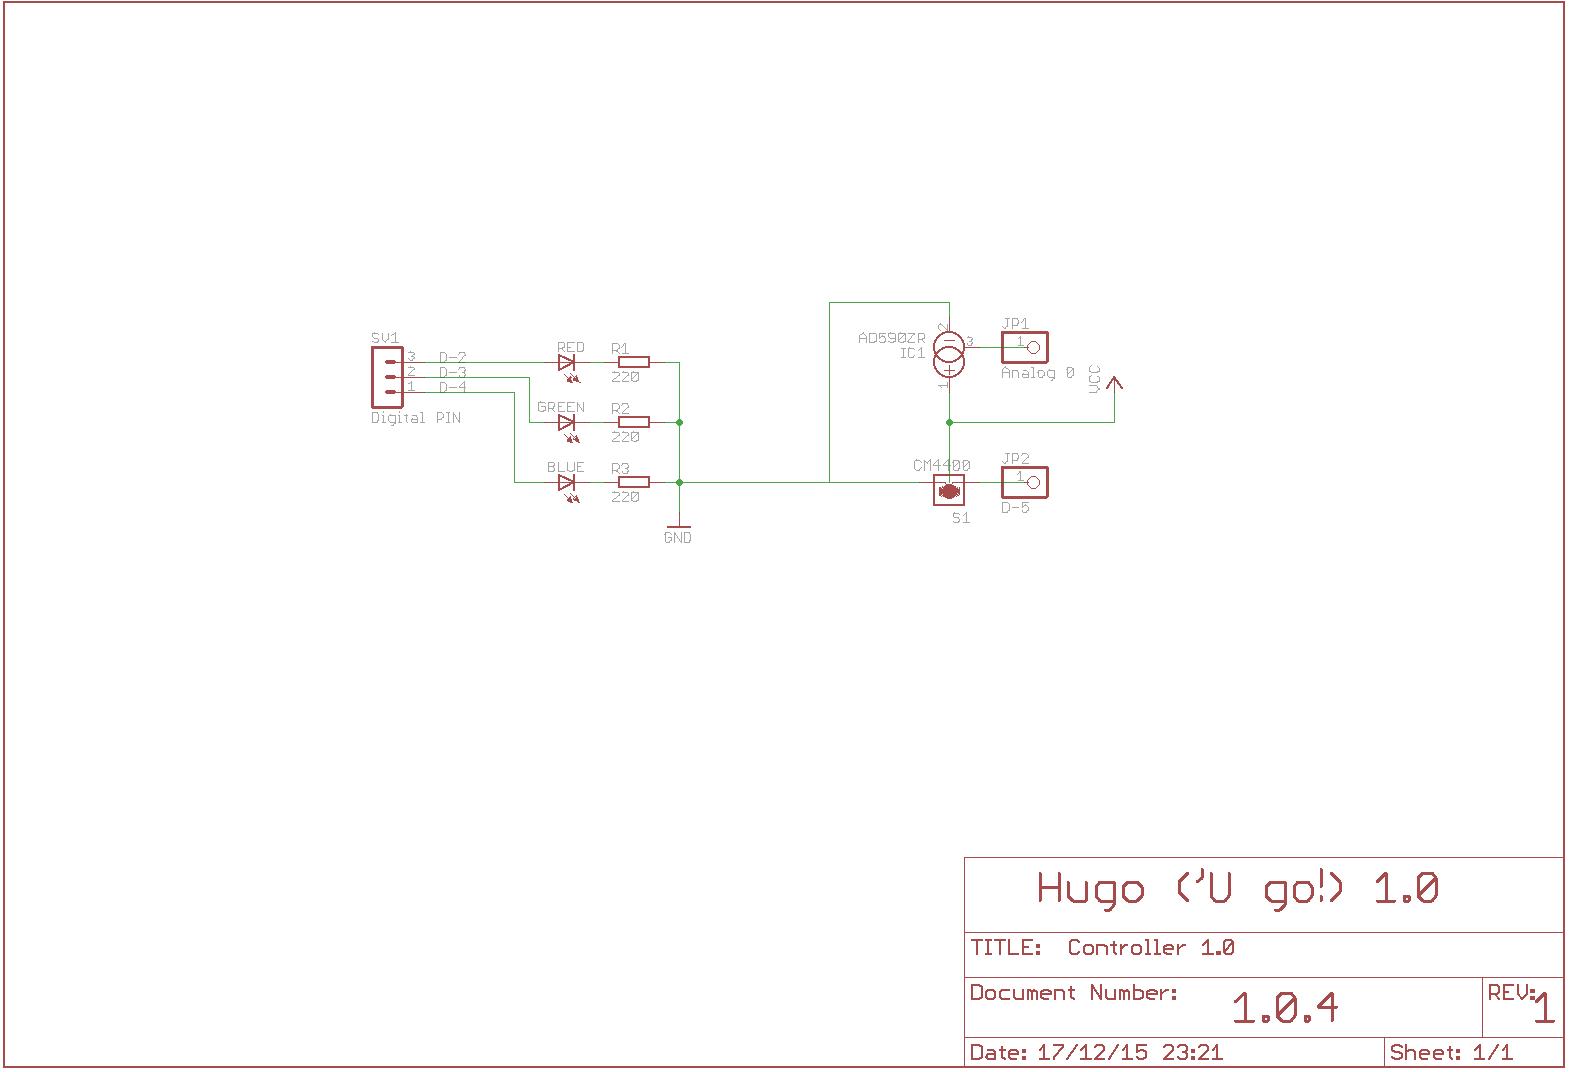 Hugo1.0 schematics